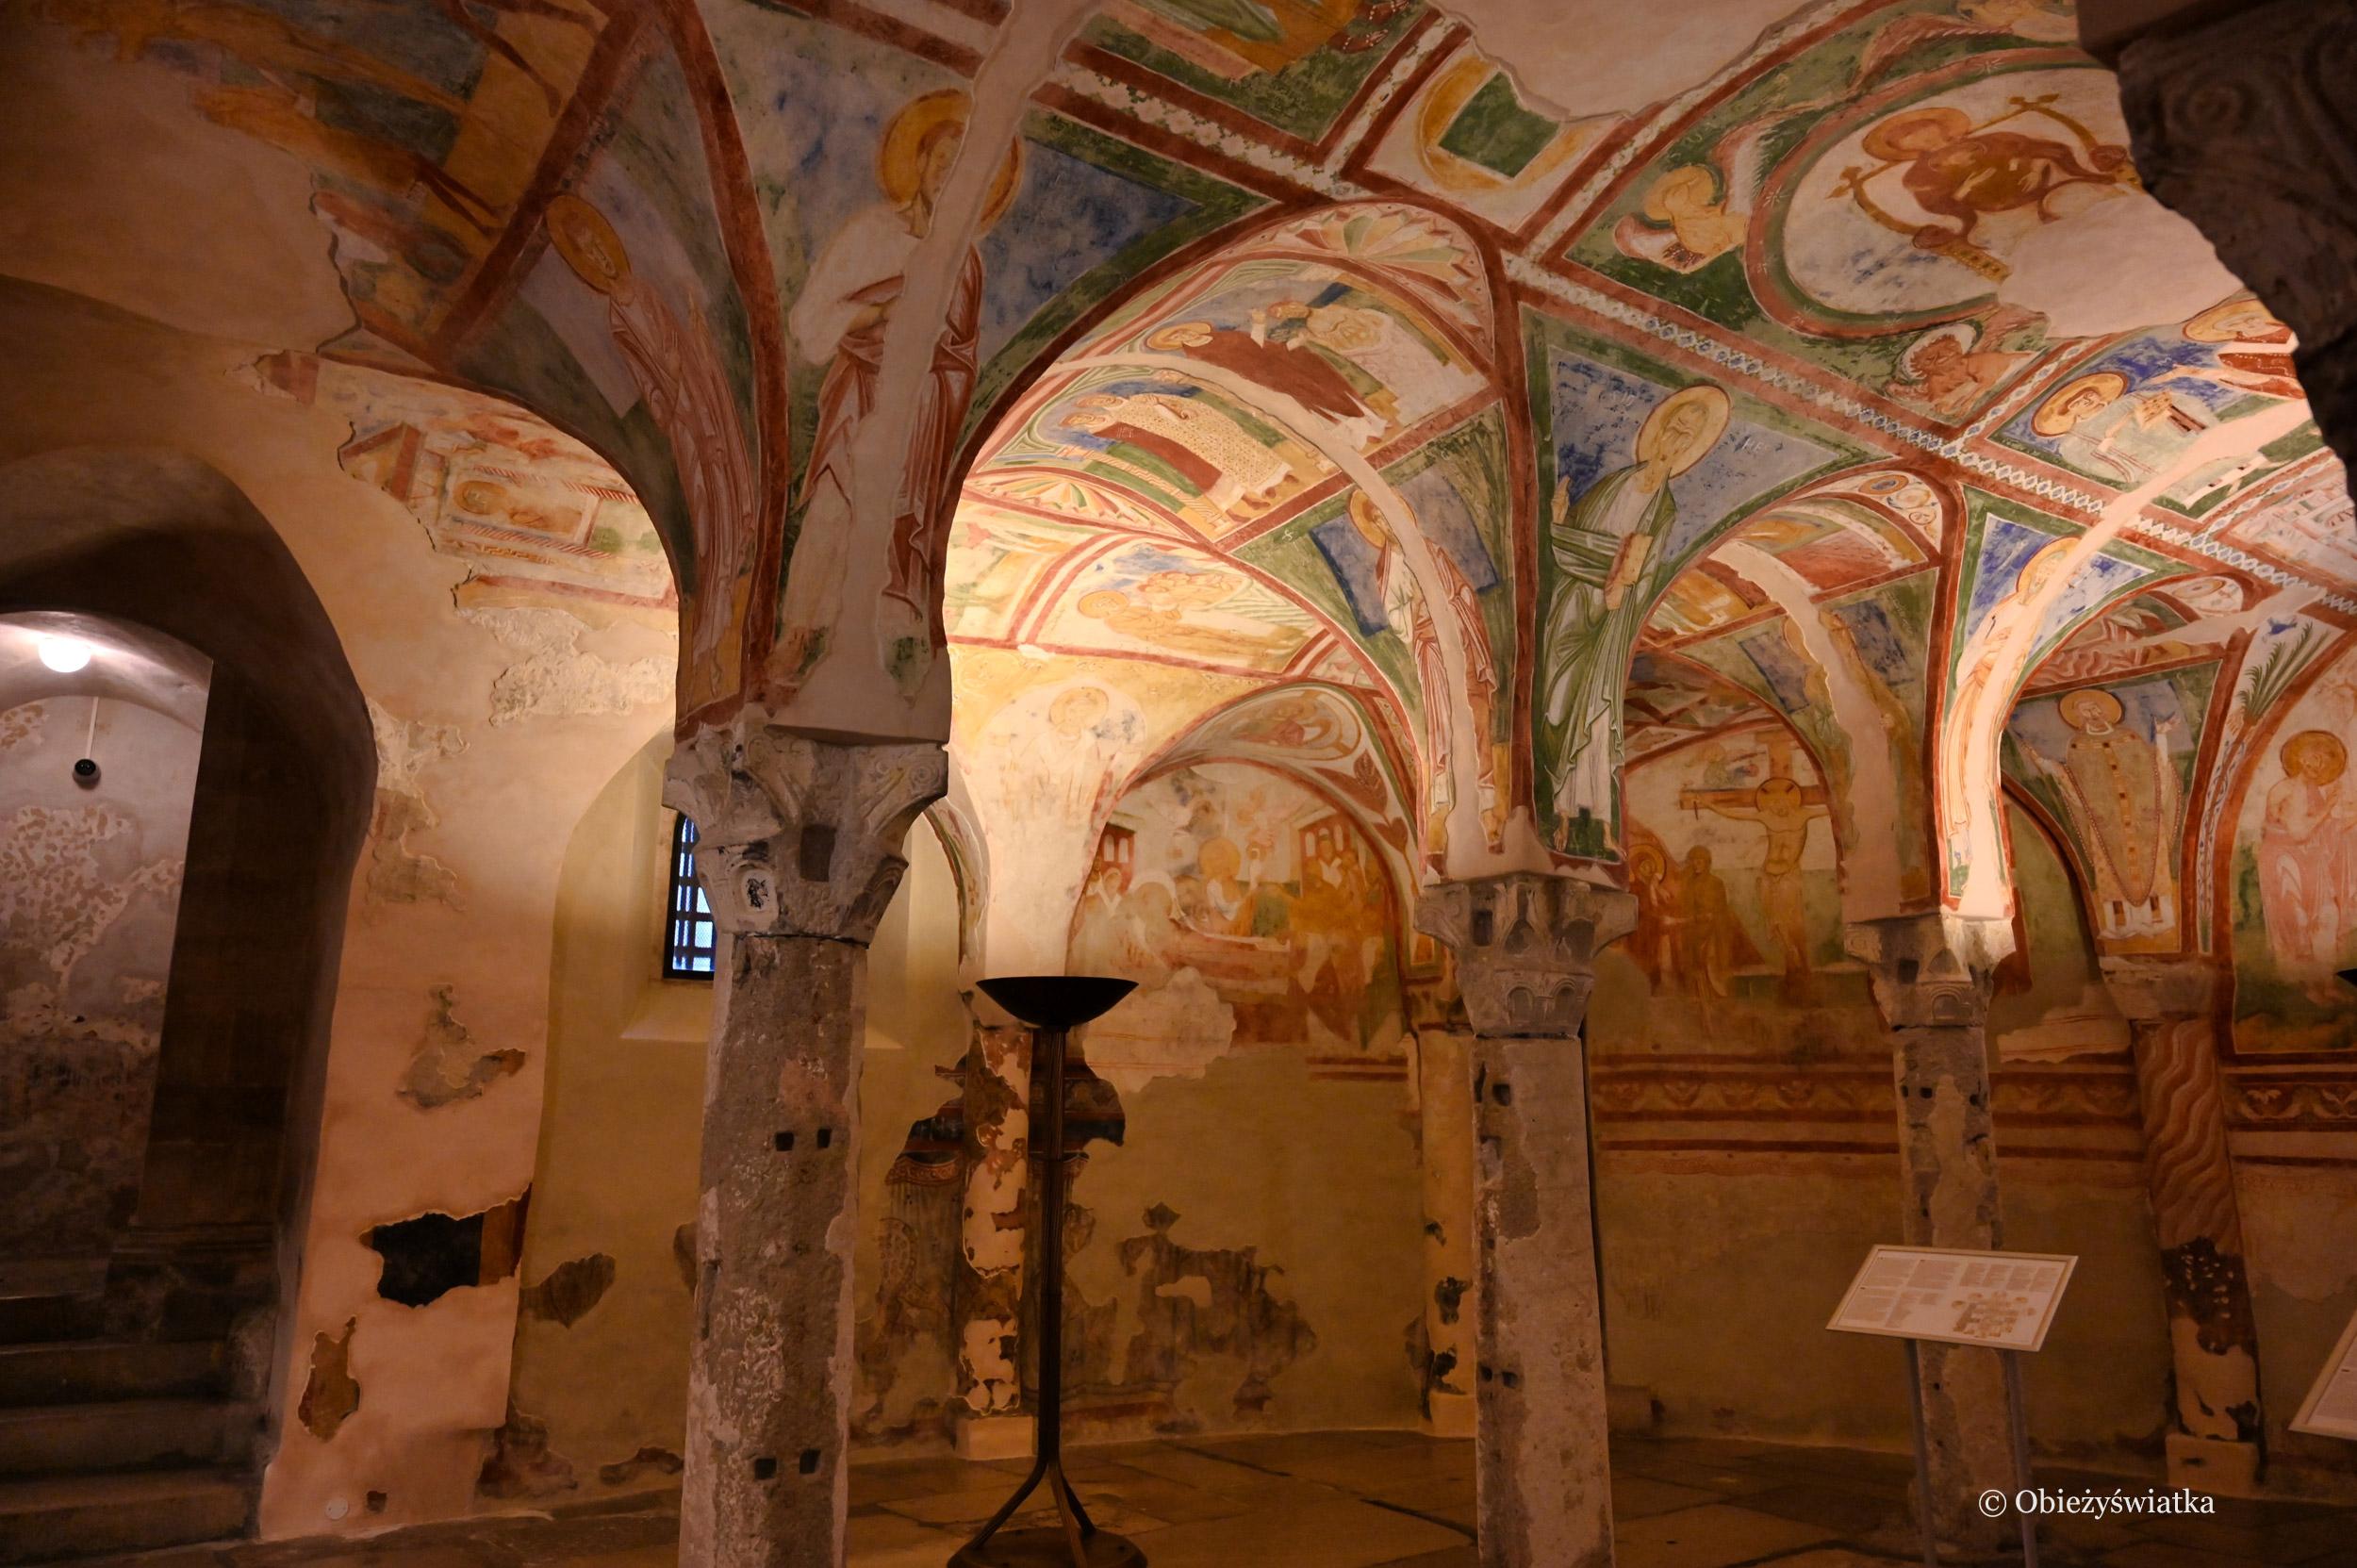 W Kaplicy Fresków, Akwileja